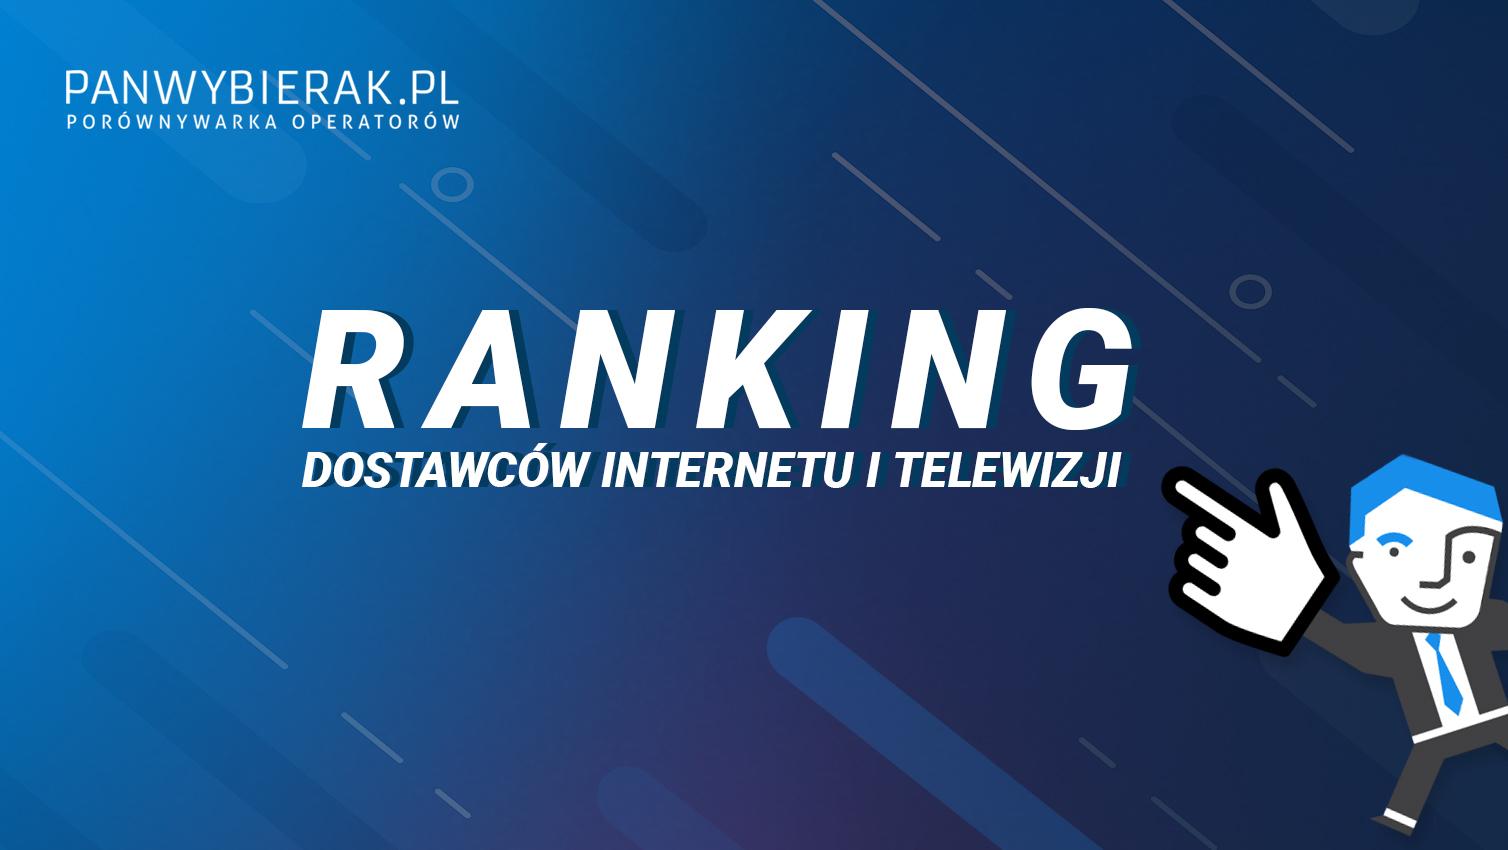 Ranking dostawców Internetu itelewizji 2019